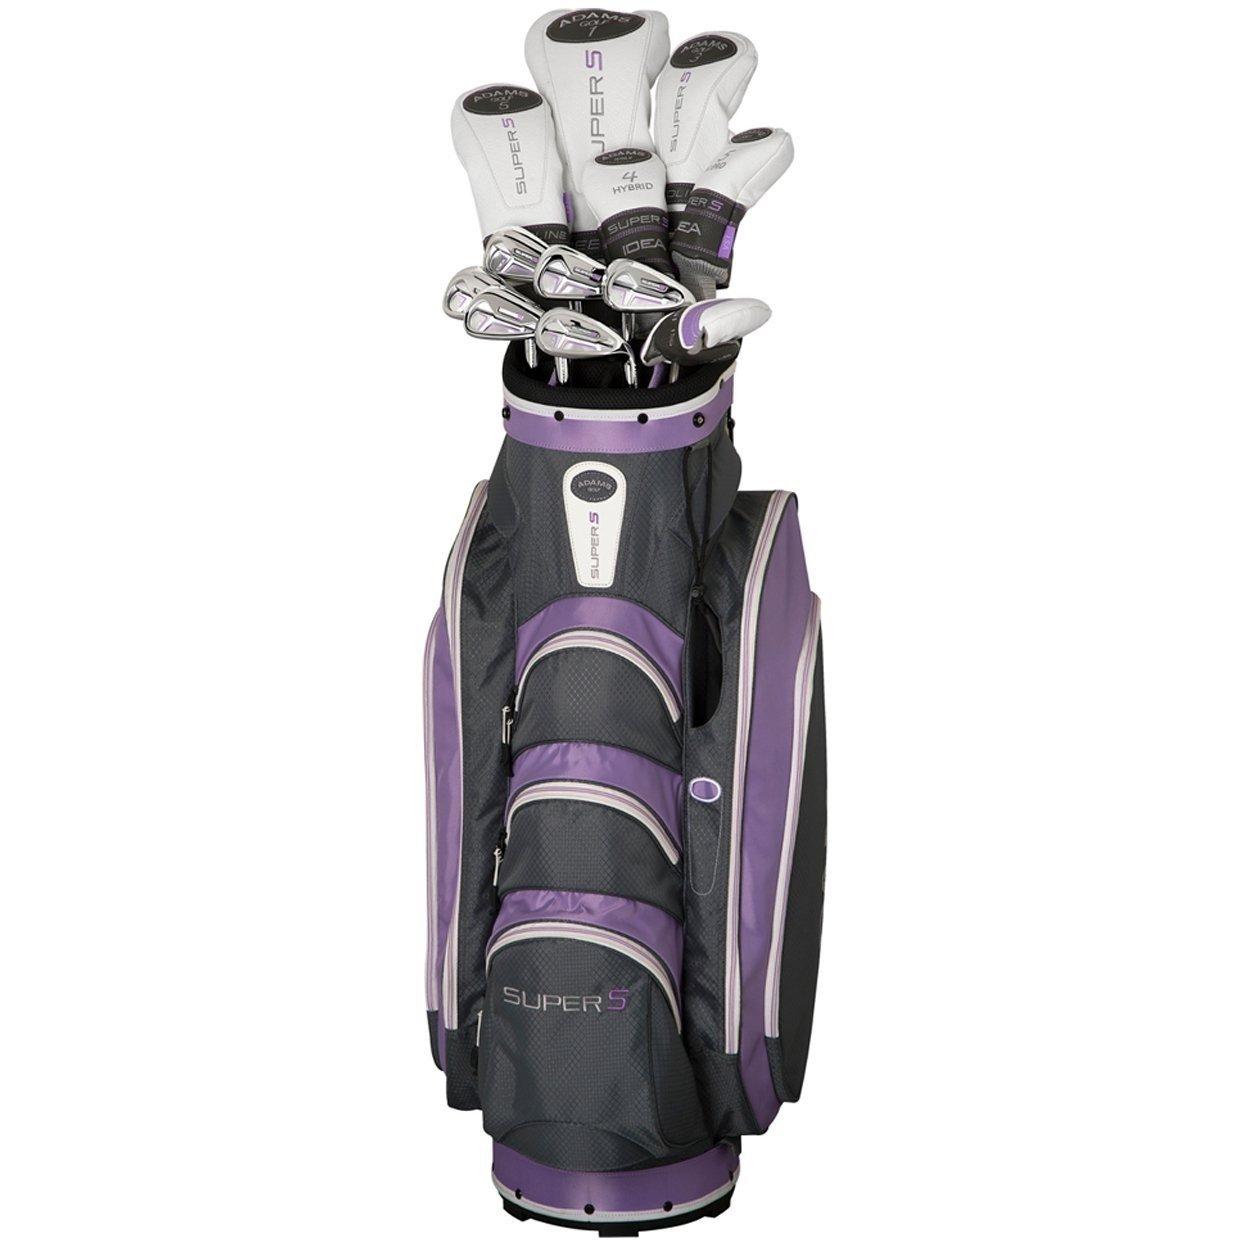 10 Unique Adams Idea Super S Irons Review womens lavender speedline super s complete golf club sets